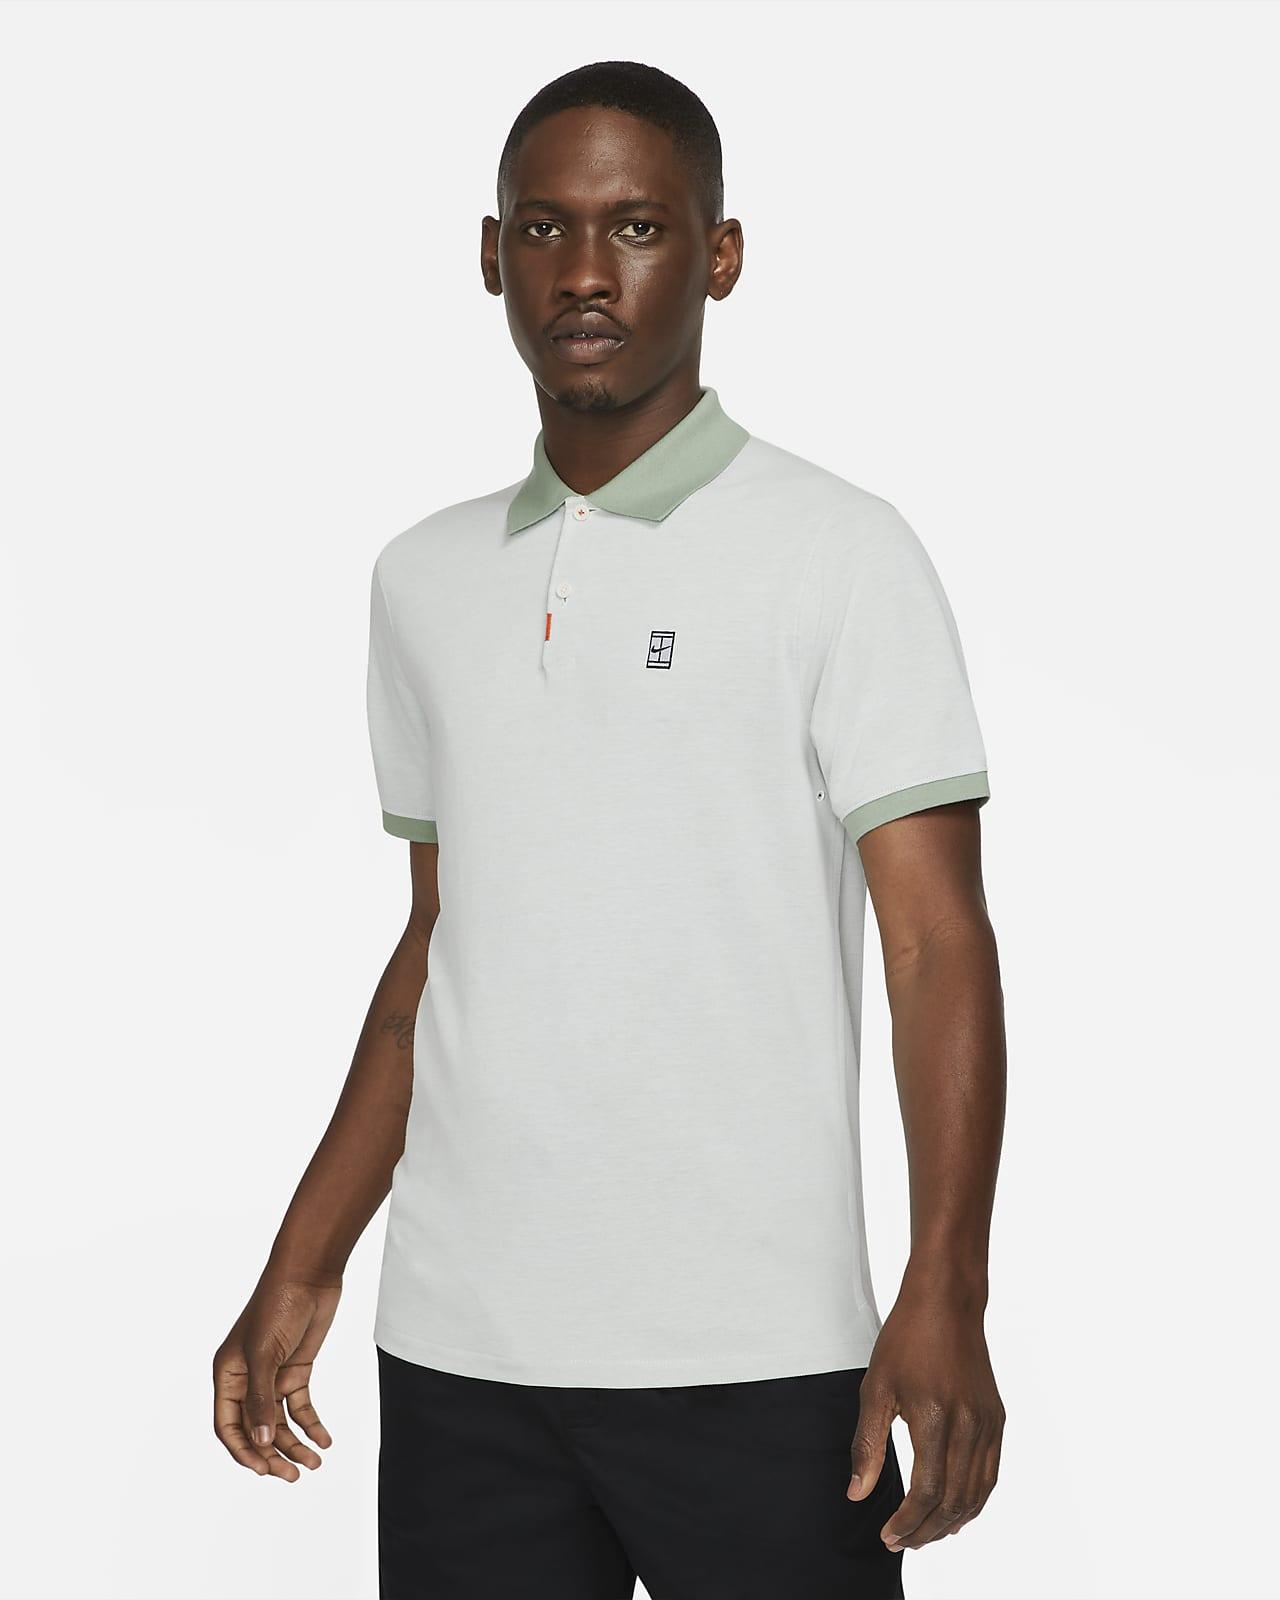 The Nike Polo Slam Herren-Poloshirt in schmaler Passform